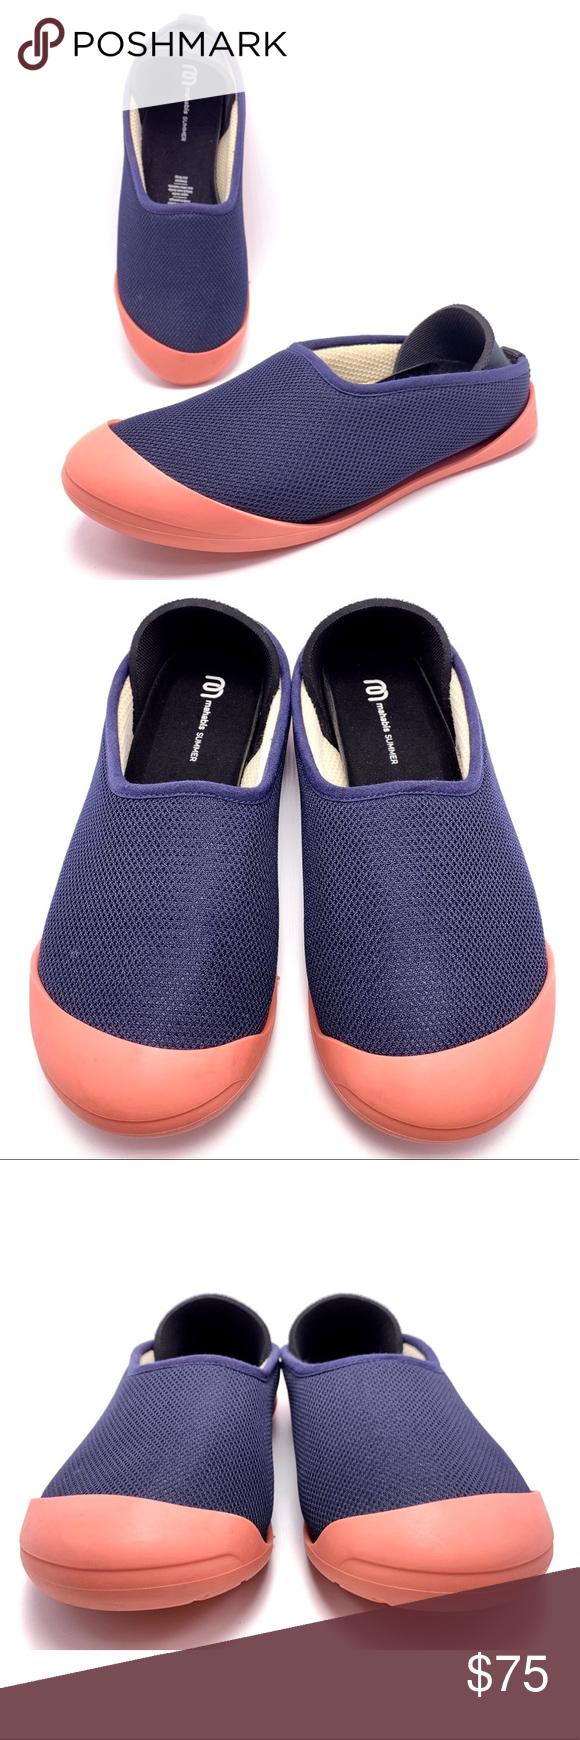 847889804d2 Mahabis Summer EU 39 US 8 Navy Blue Slippers Shoes Mahabis Summer Womens EU  39 US